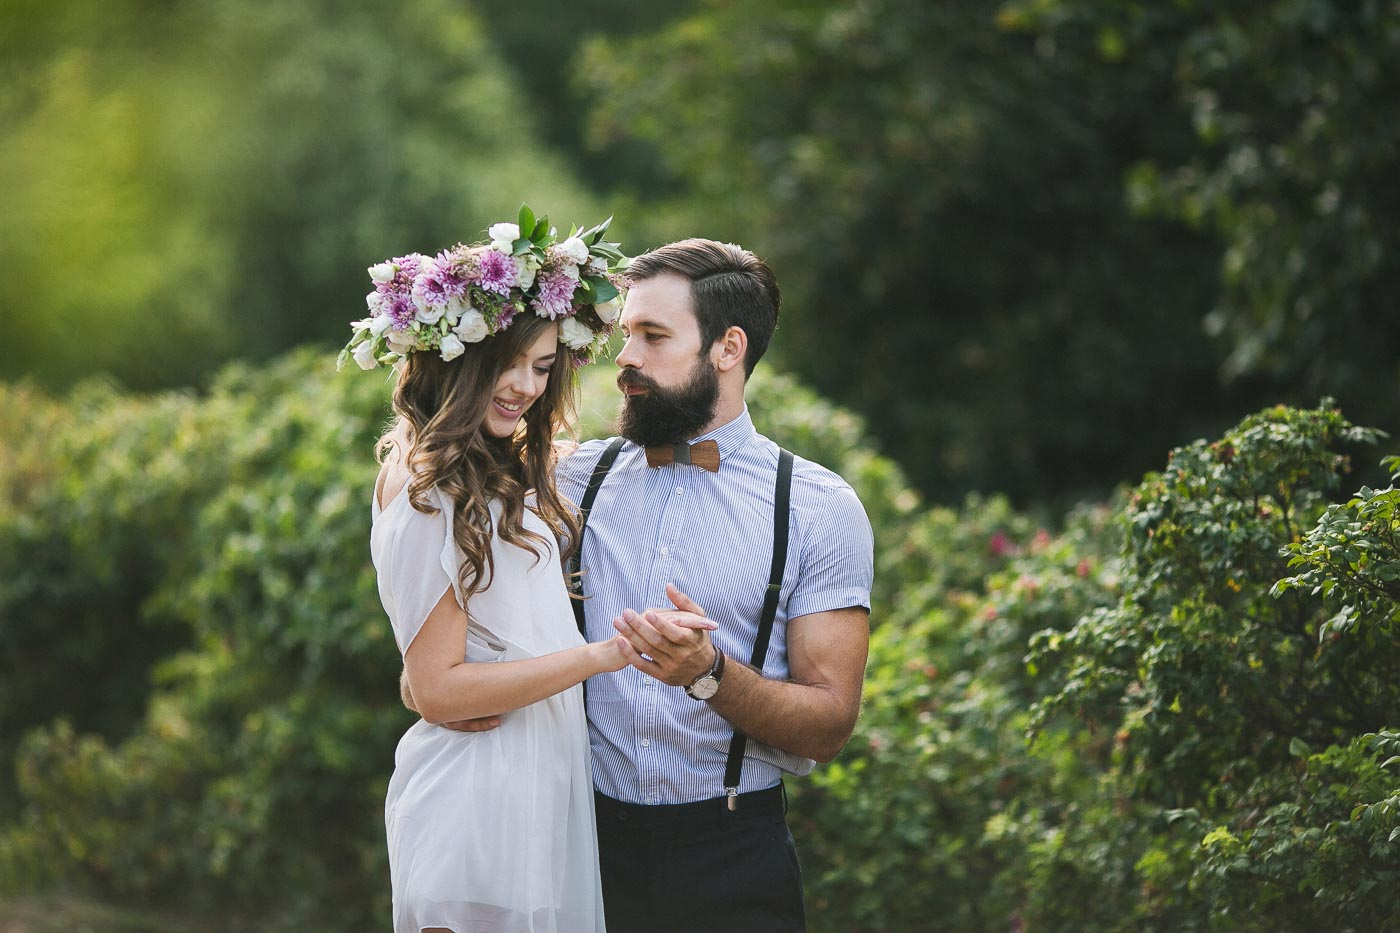 Свадебный фотограф, свадебная фотосъёмка в МосквеСвадебный фотограф, свадебная фотосъёмка в Москве